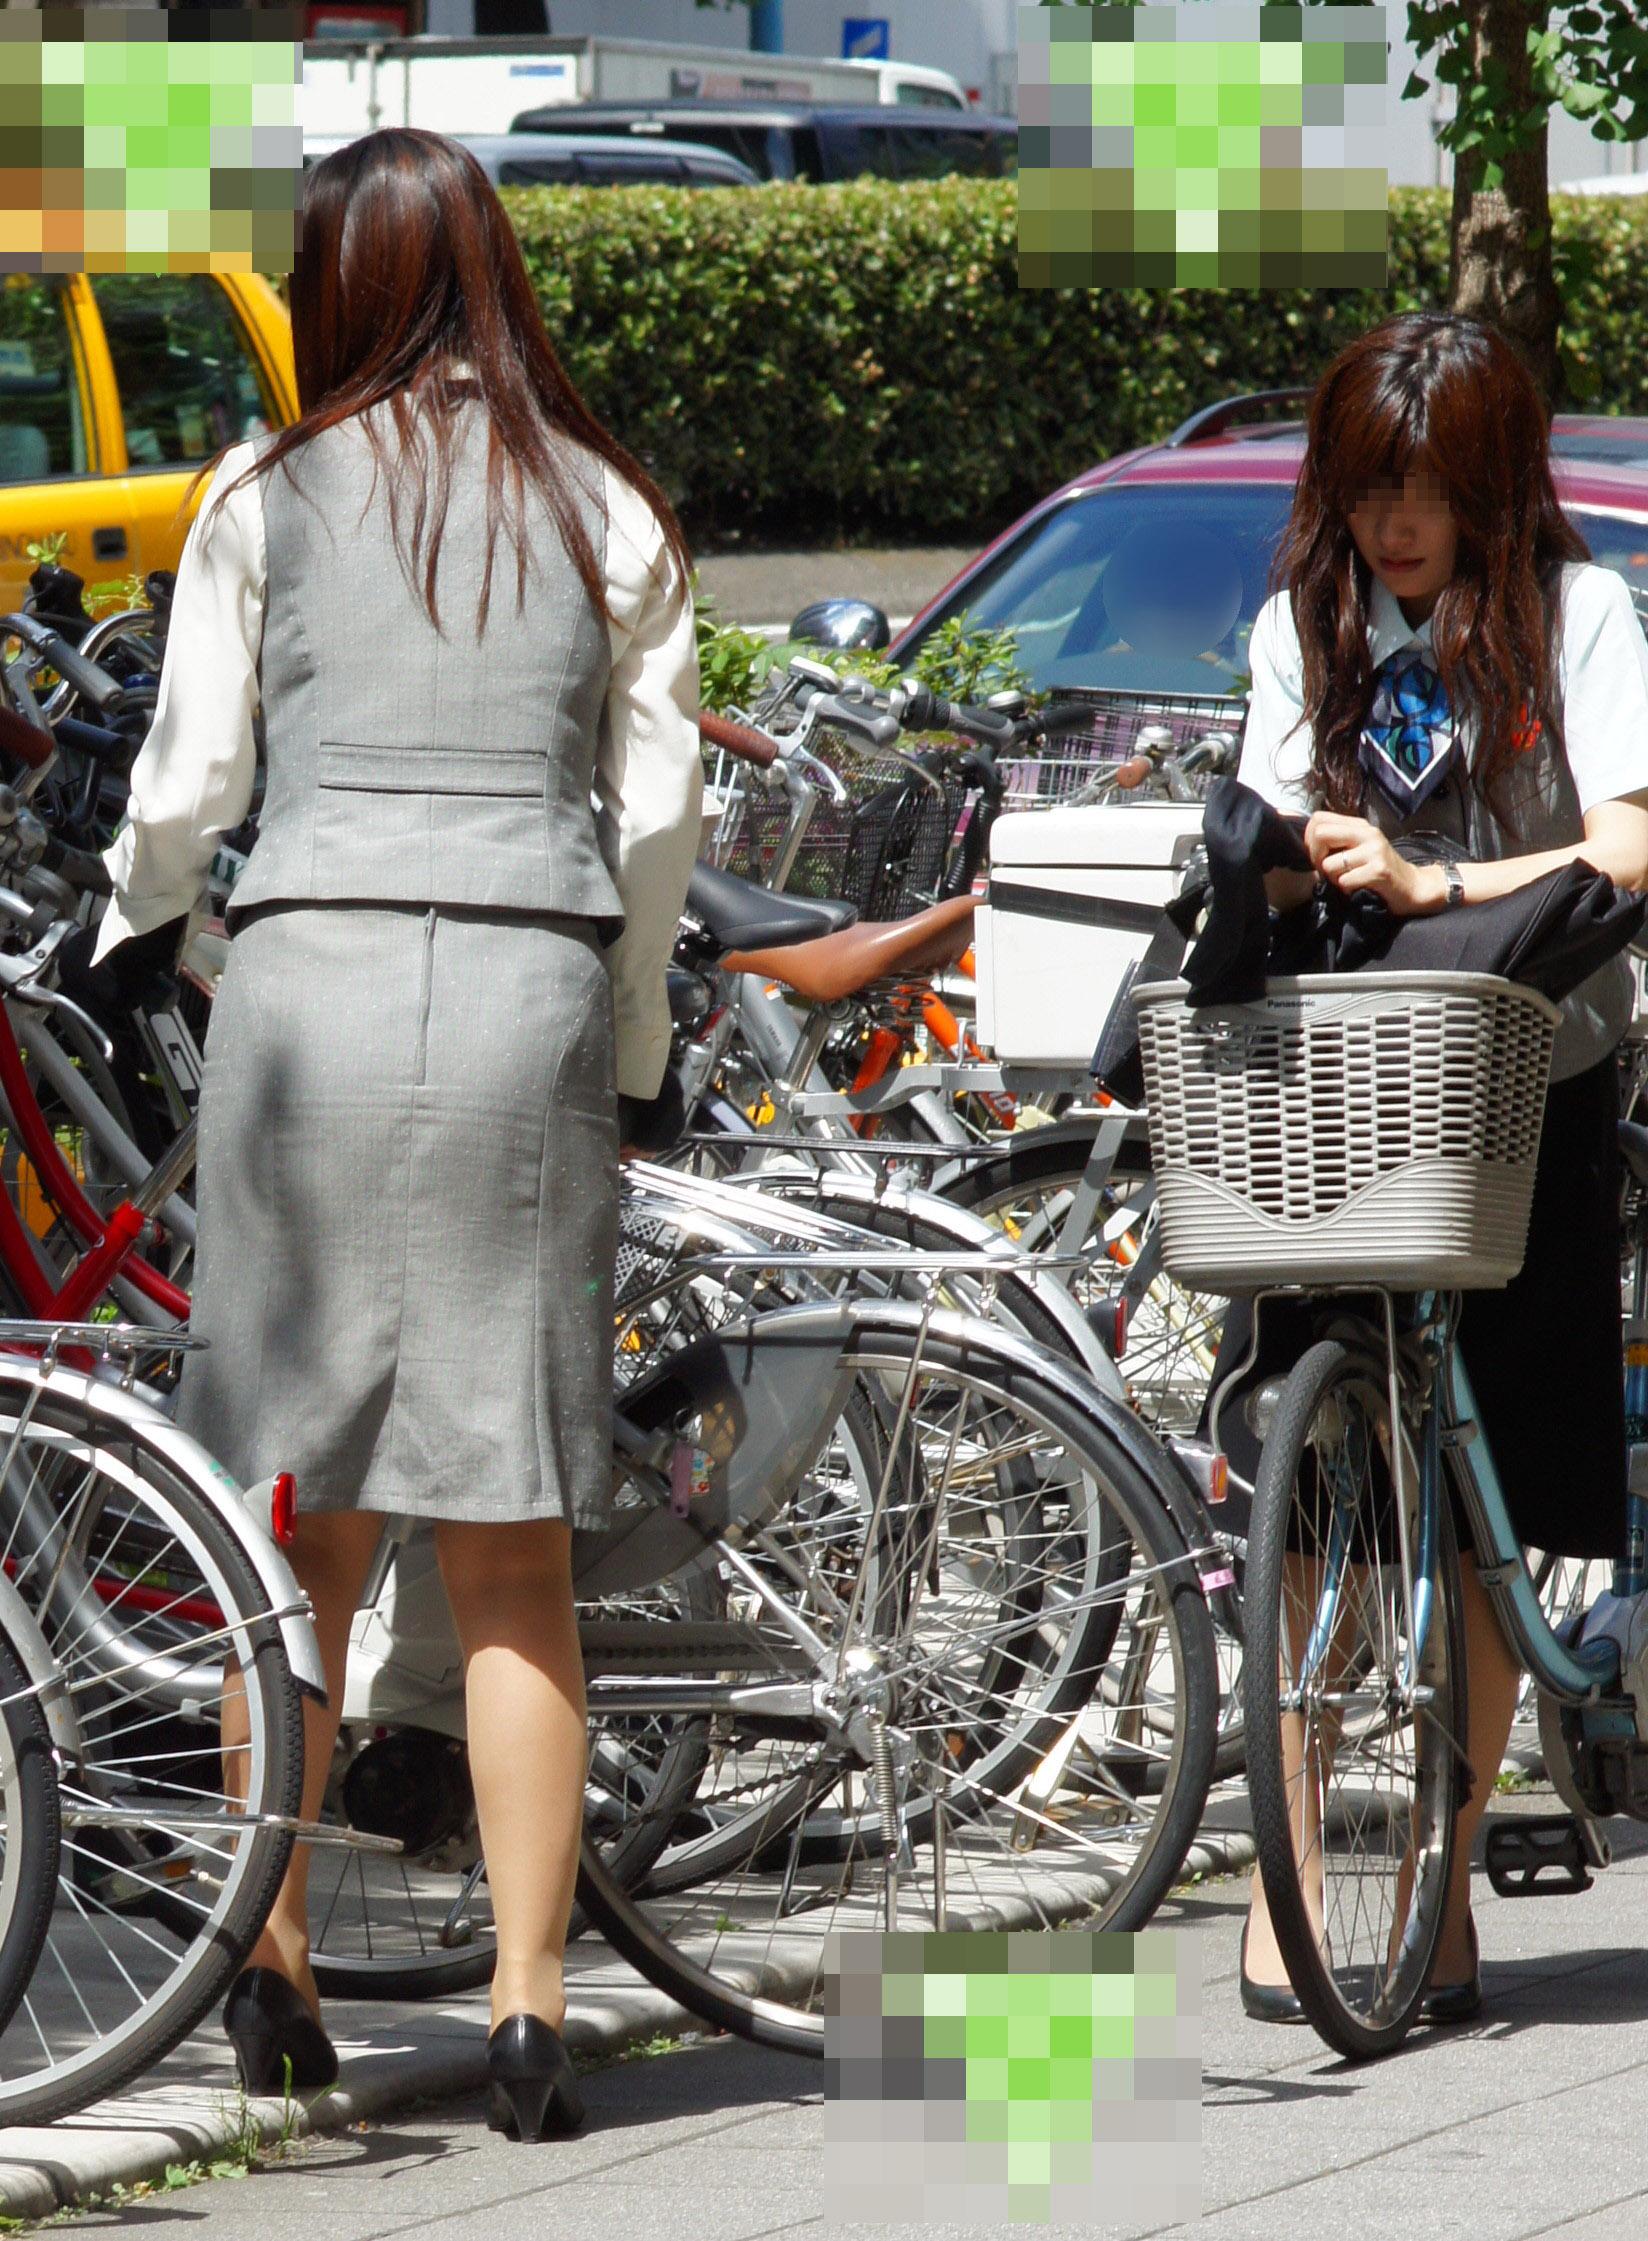 タイトスカートのお尻にパンスト足パンチラの自転車OLエロ画像11枚目